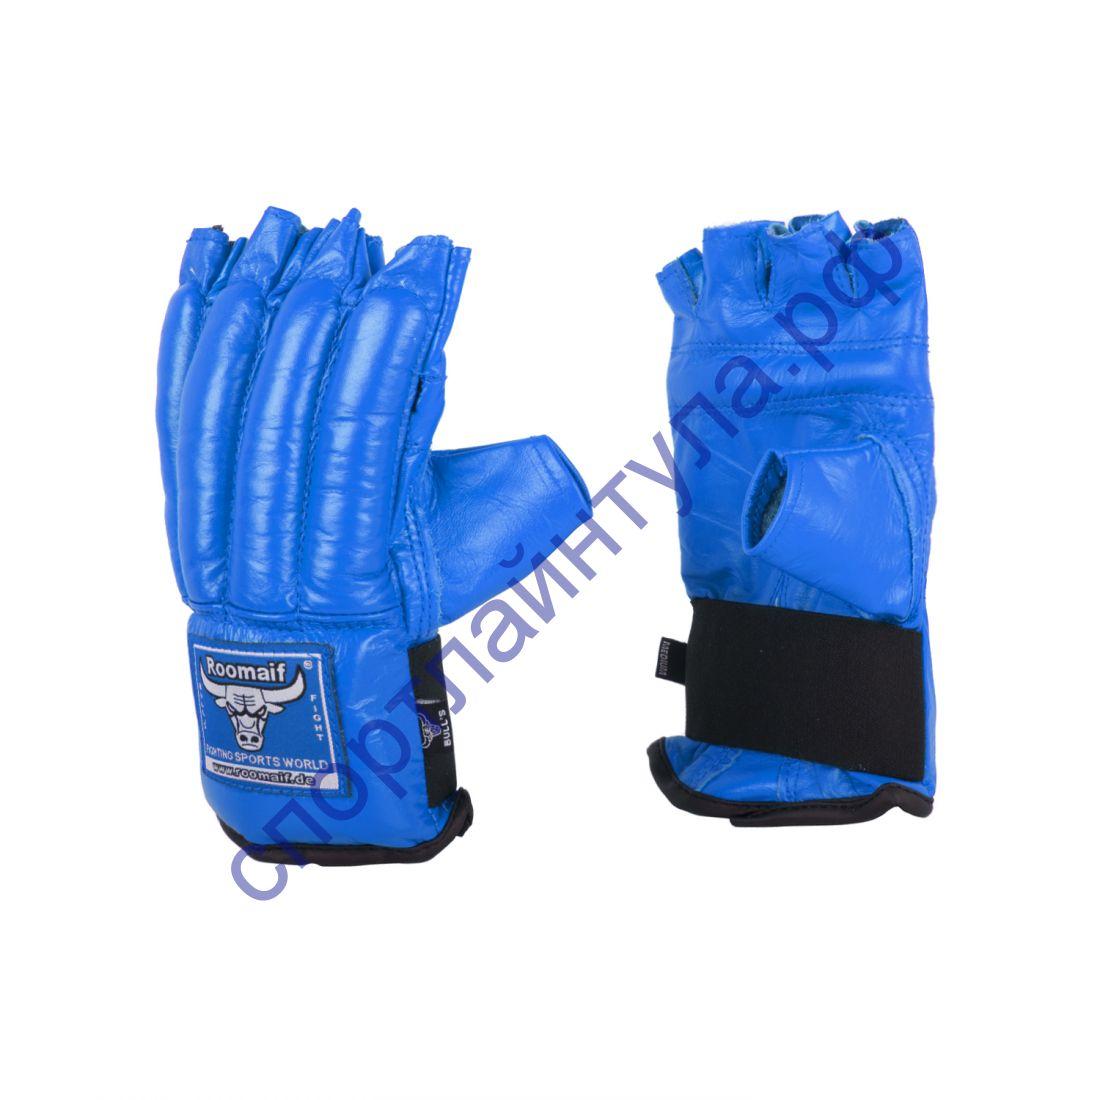 Снарядные перчатки RBM-128 DX Blue